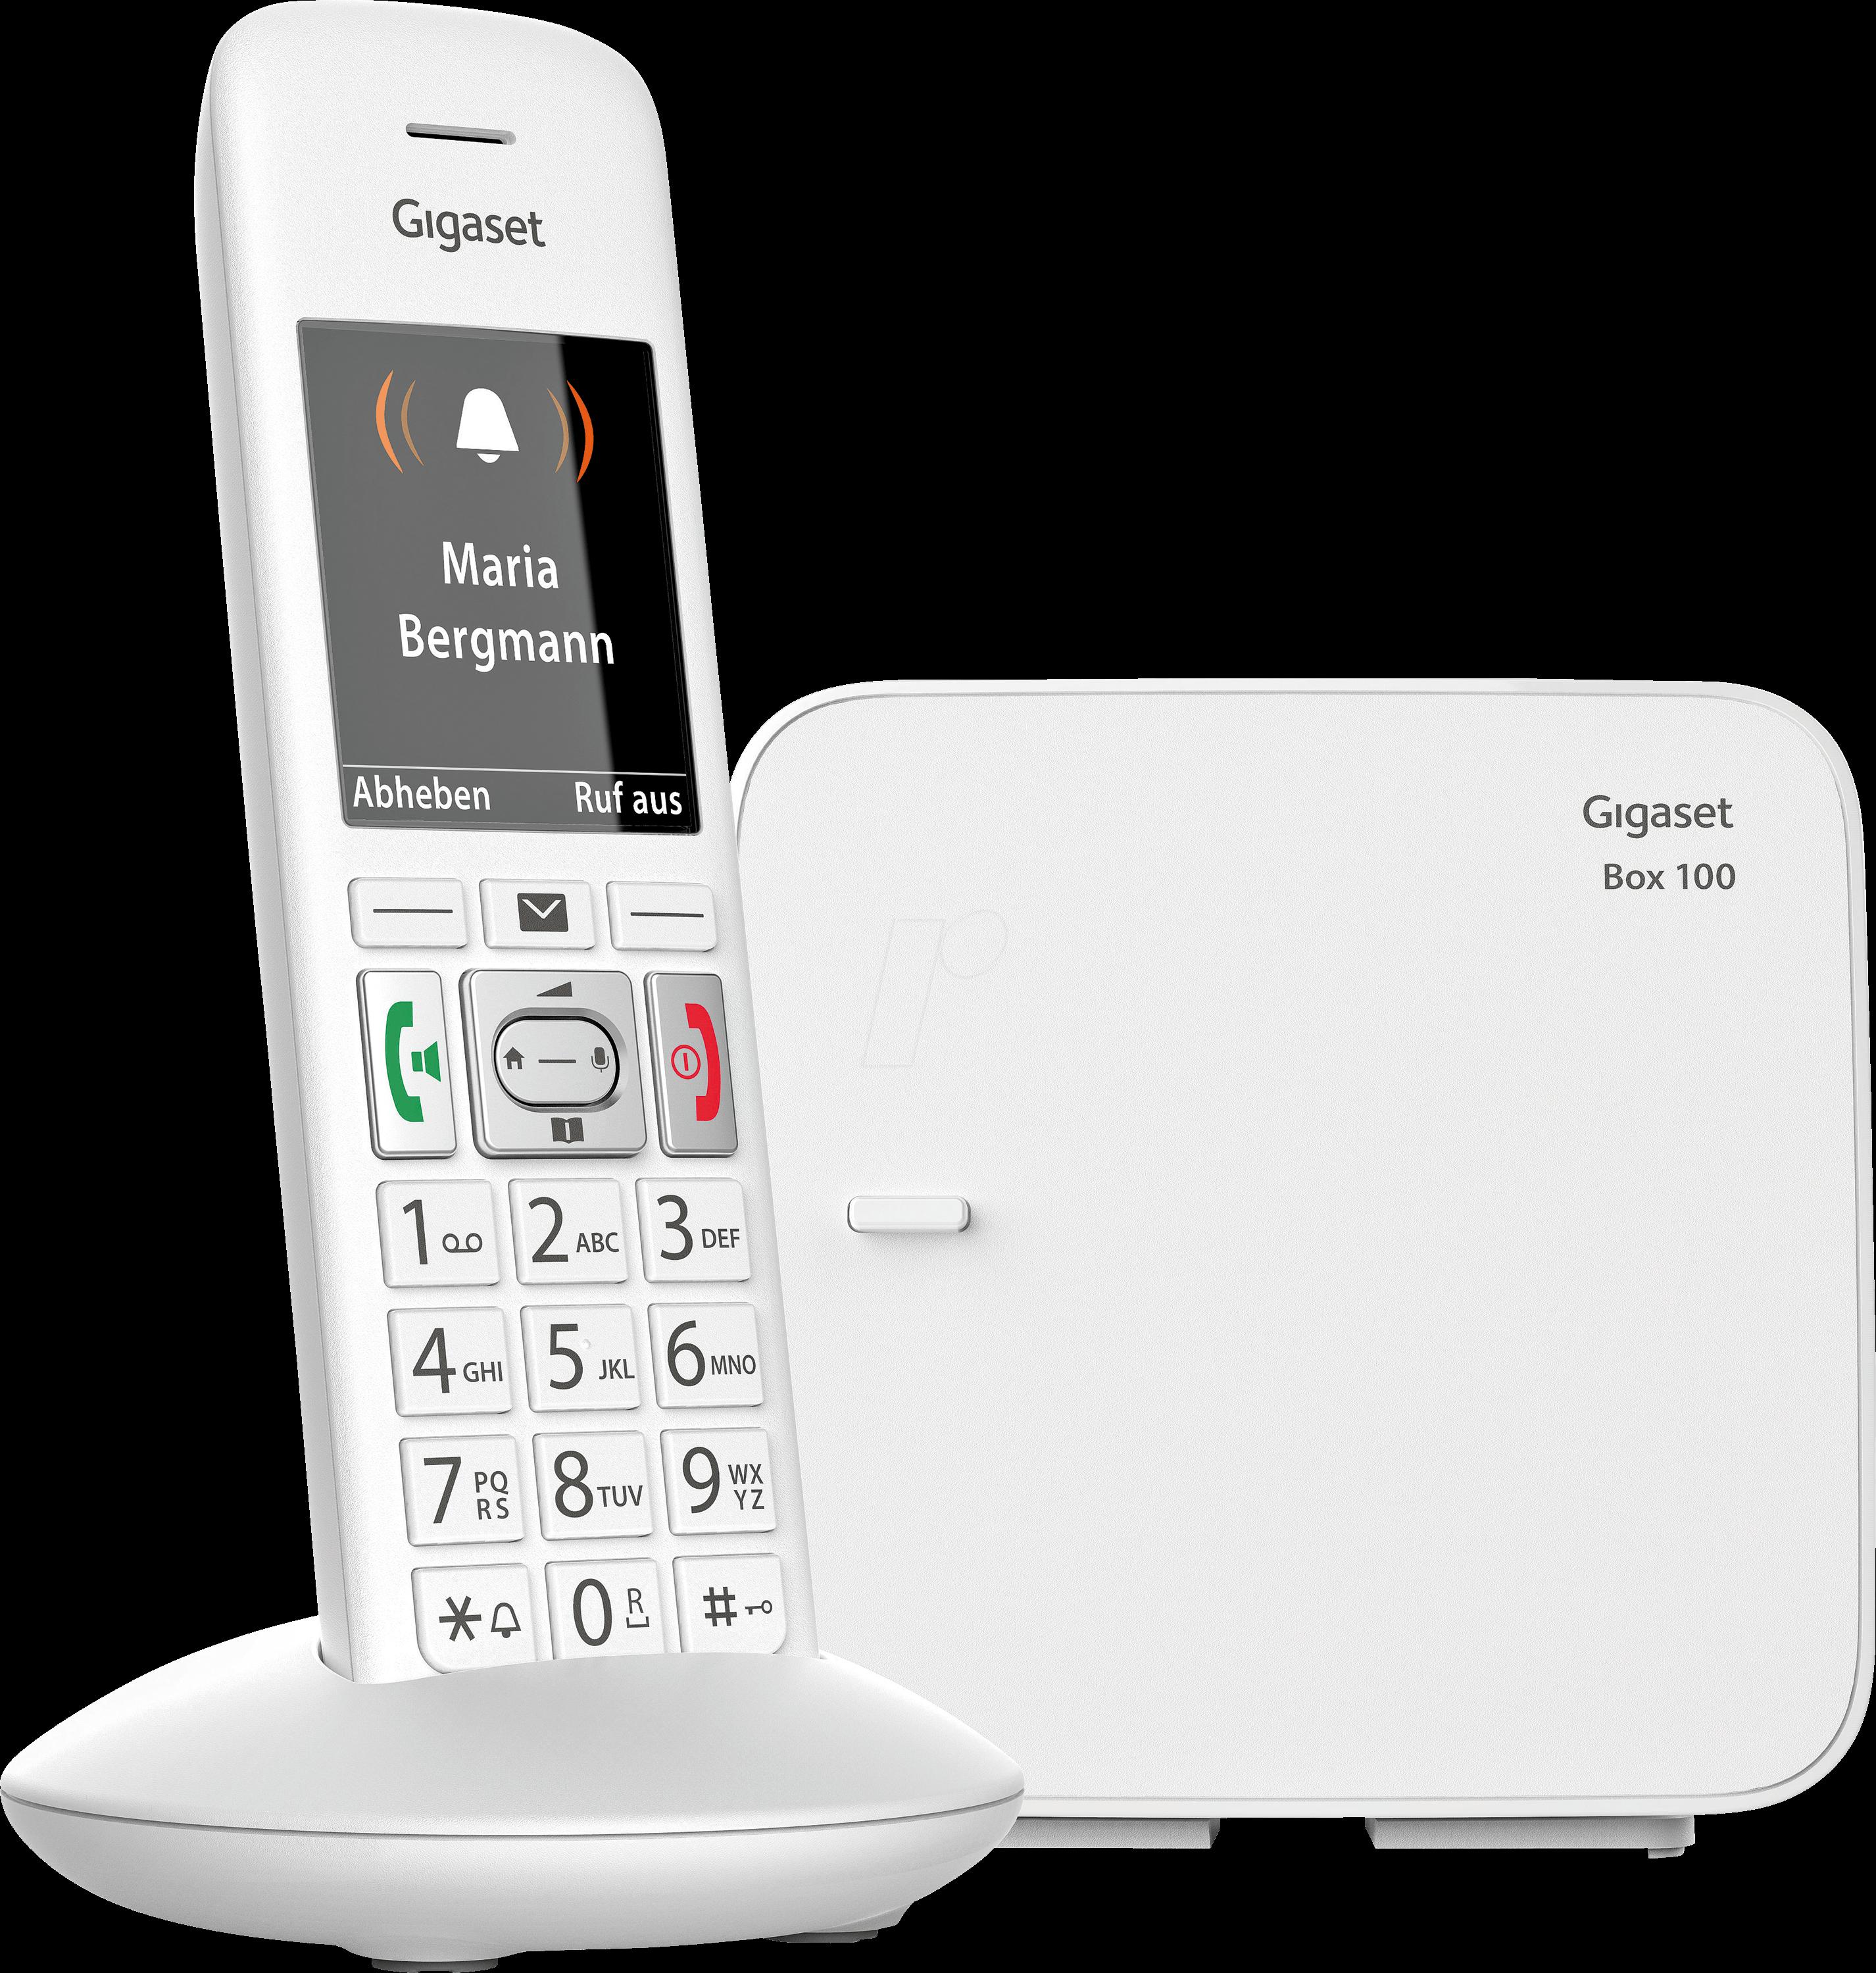 gigaset e370 dect telefon 1 mobilteil mit basis bei. Black Bedroom Furniture Sets. Home Design Ideas